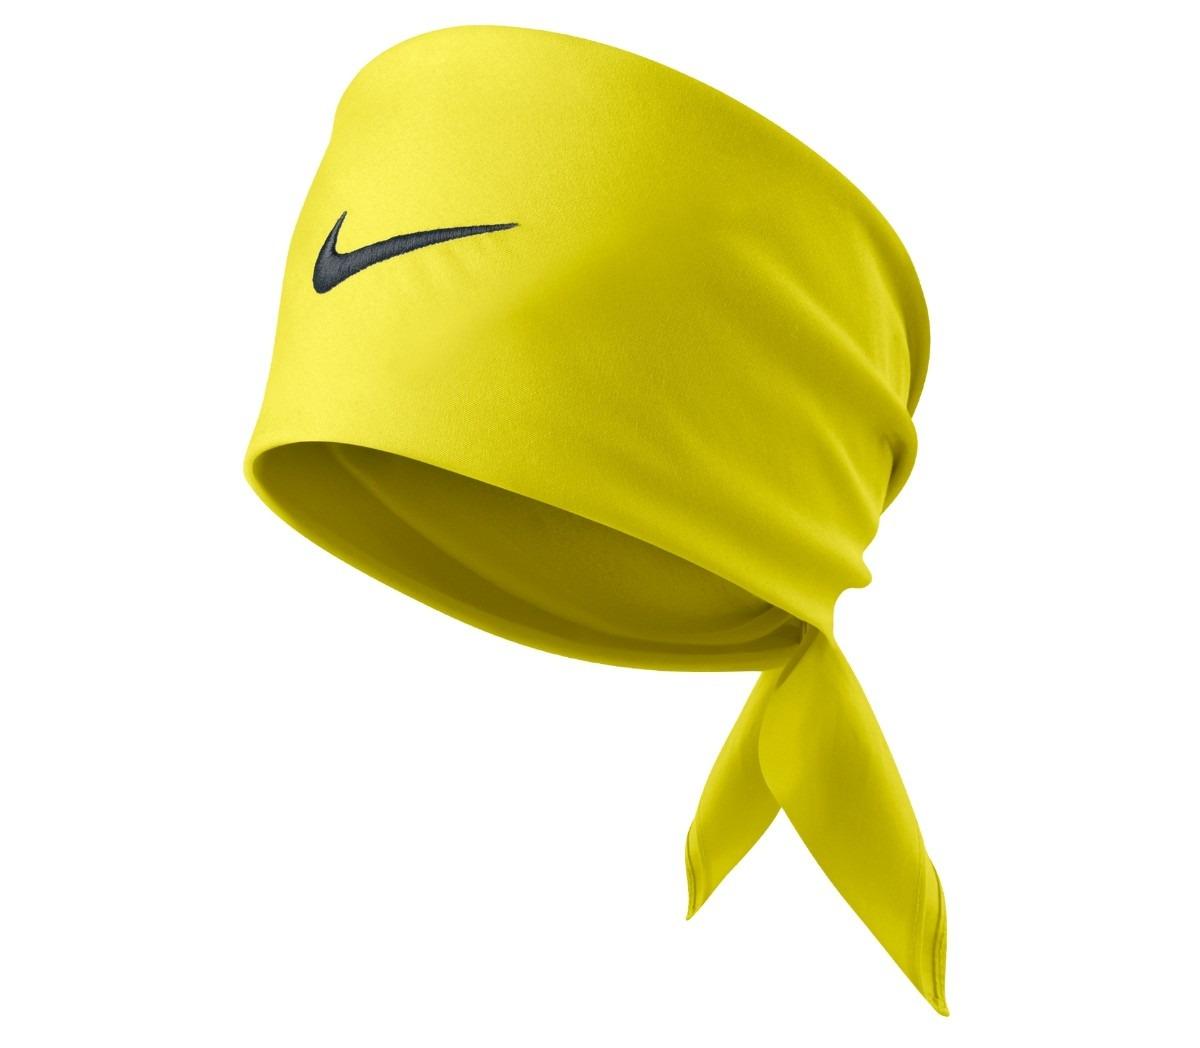 tienda de liquidación compras mas fiable Bandana Marca Nike Para Tenis, Padle Color Amarillo - $ 11.990 en ...